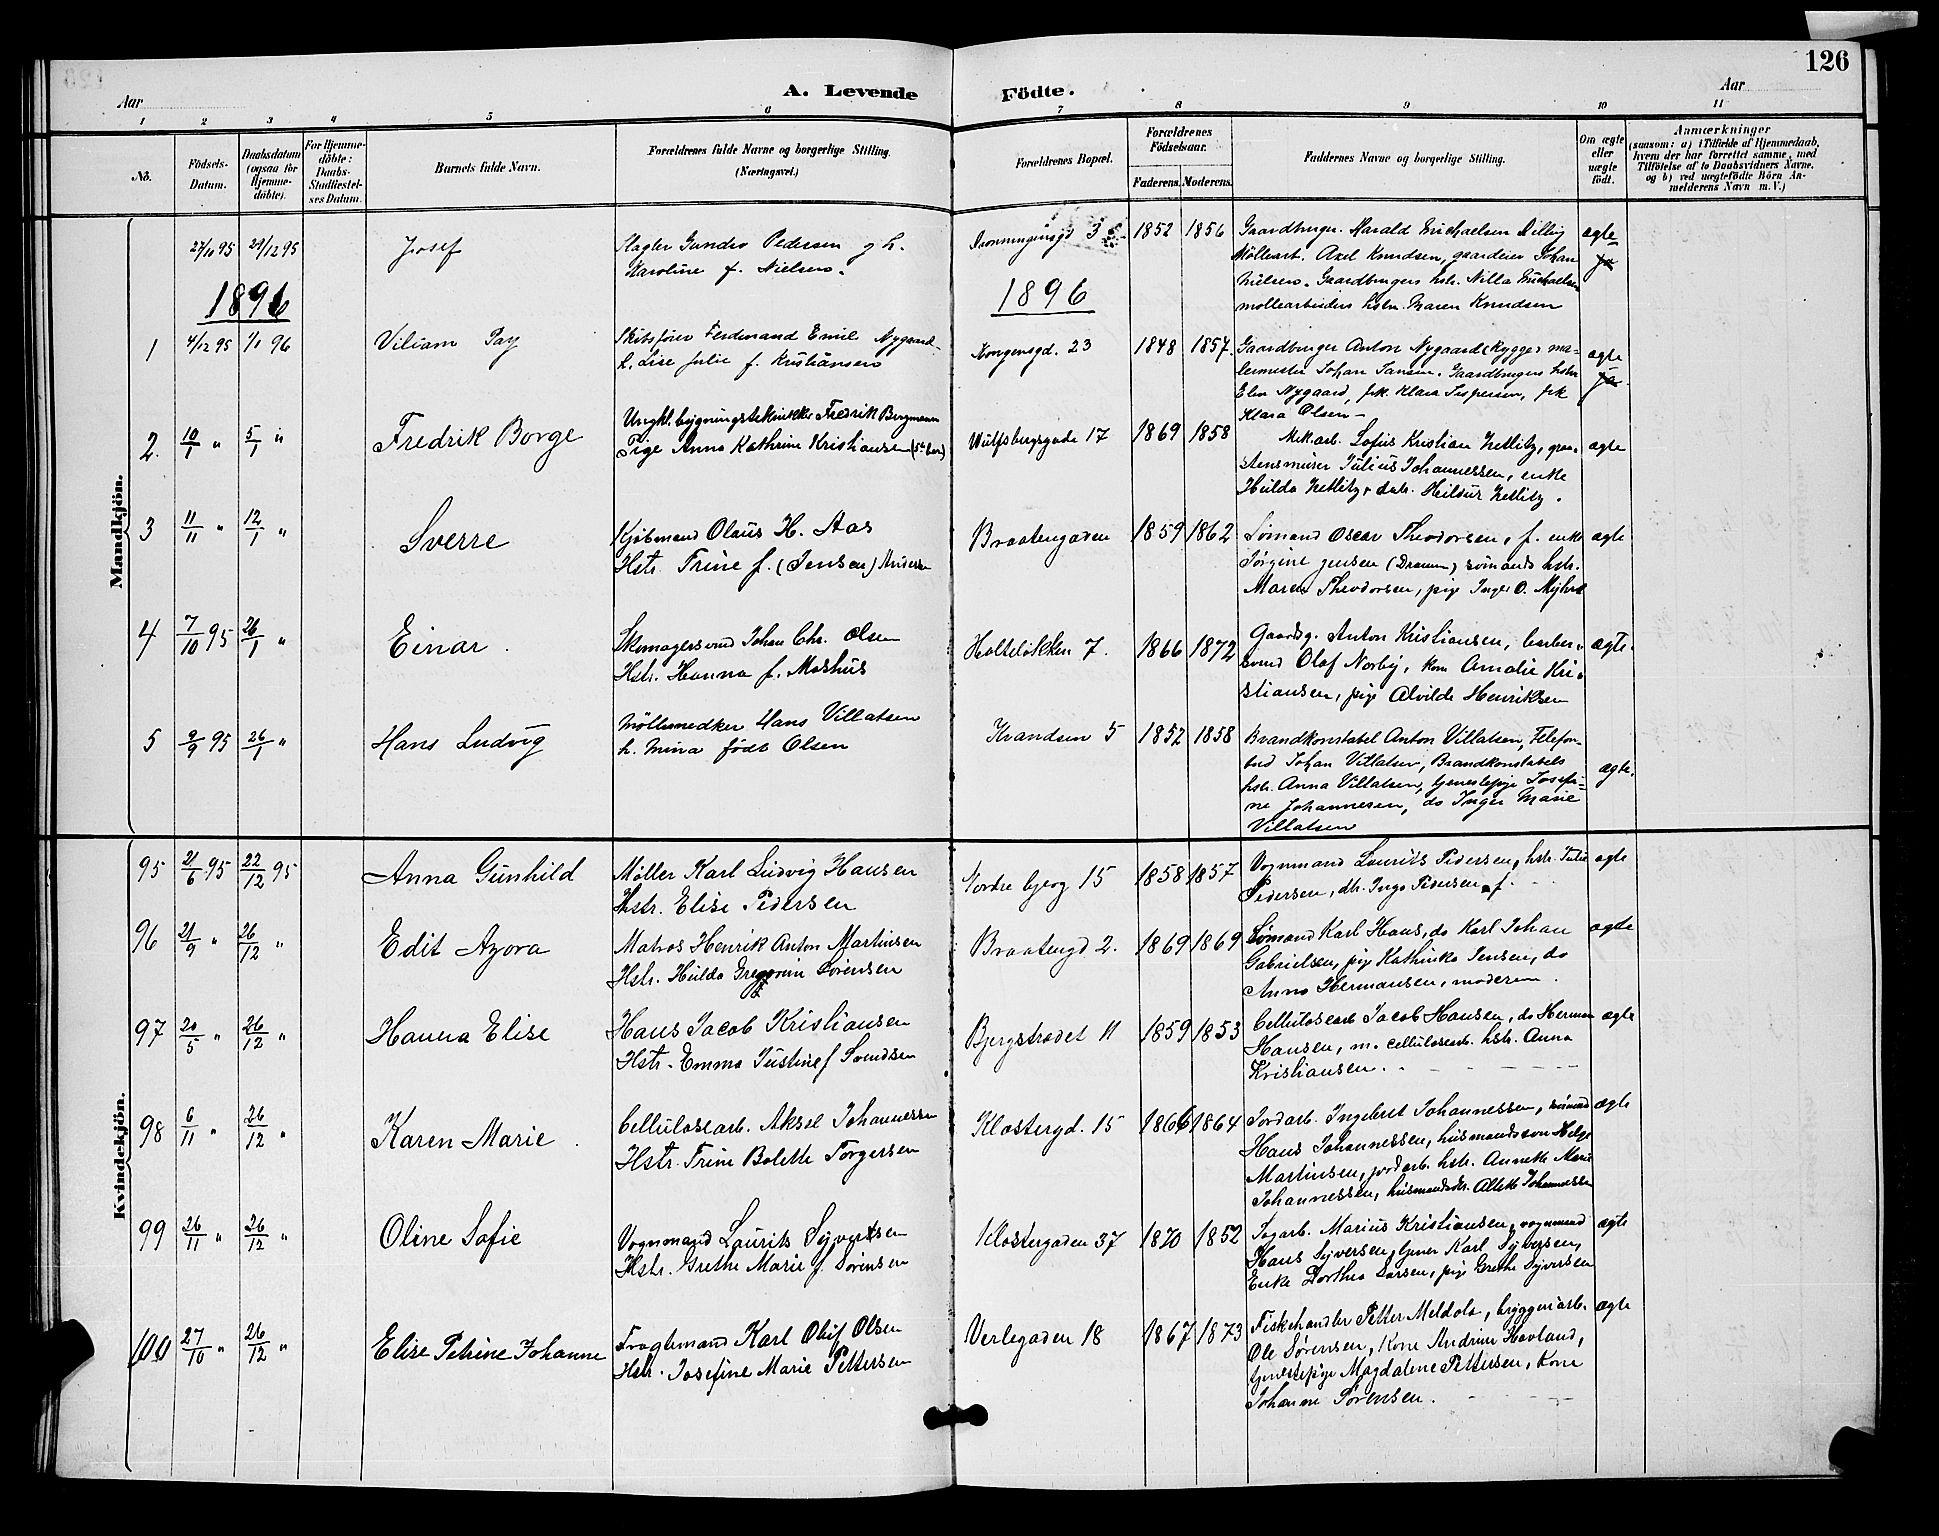 SAO, Moss prestekontor Kirkebøker, G/Ga/L0006: Klokkerbok nr. I 6, 1889-1900, s. 126